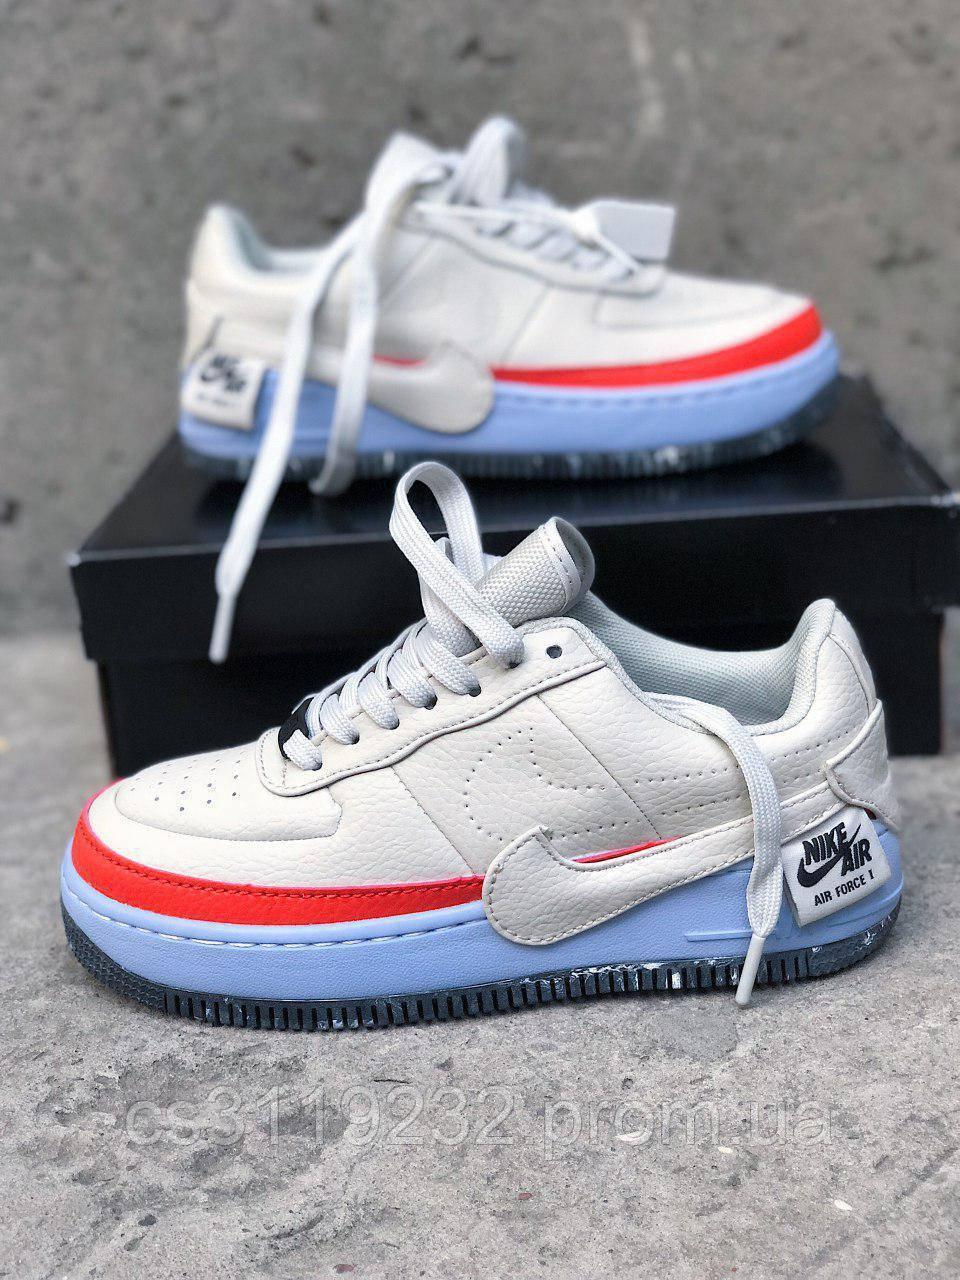 Женские кроссовки Nike Jester XX SE in Light Bone (белые)